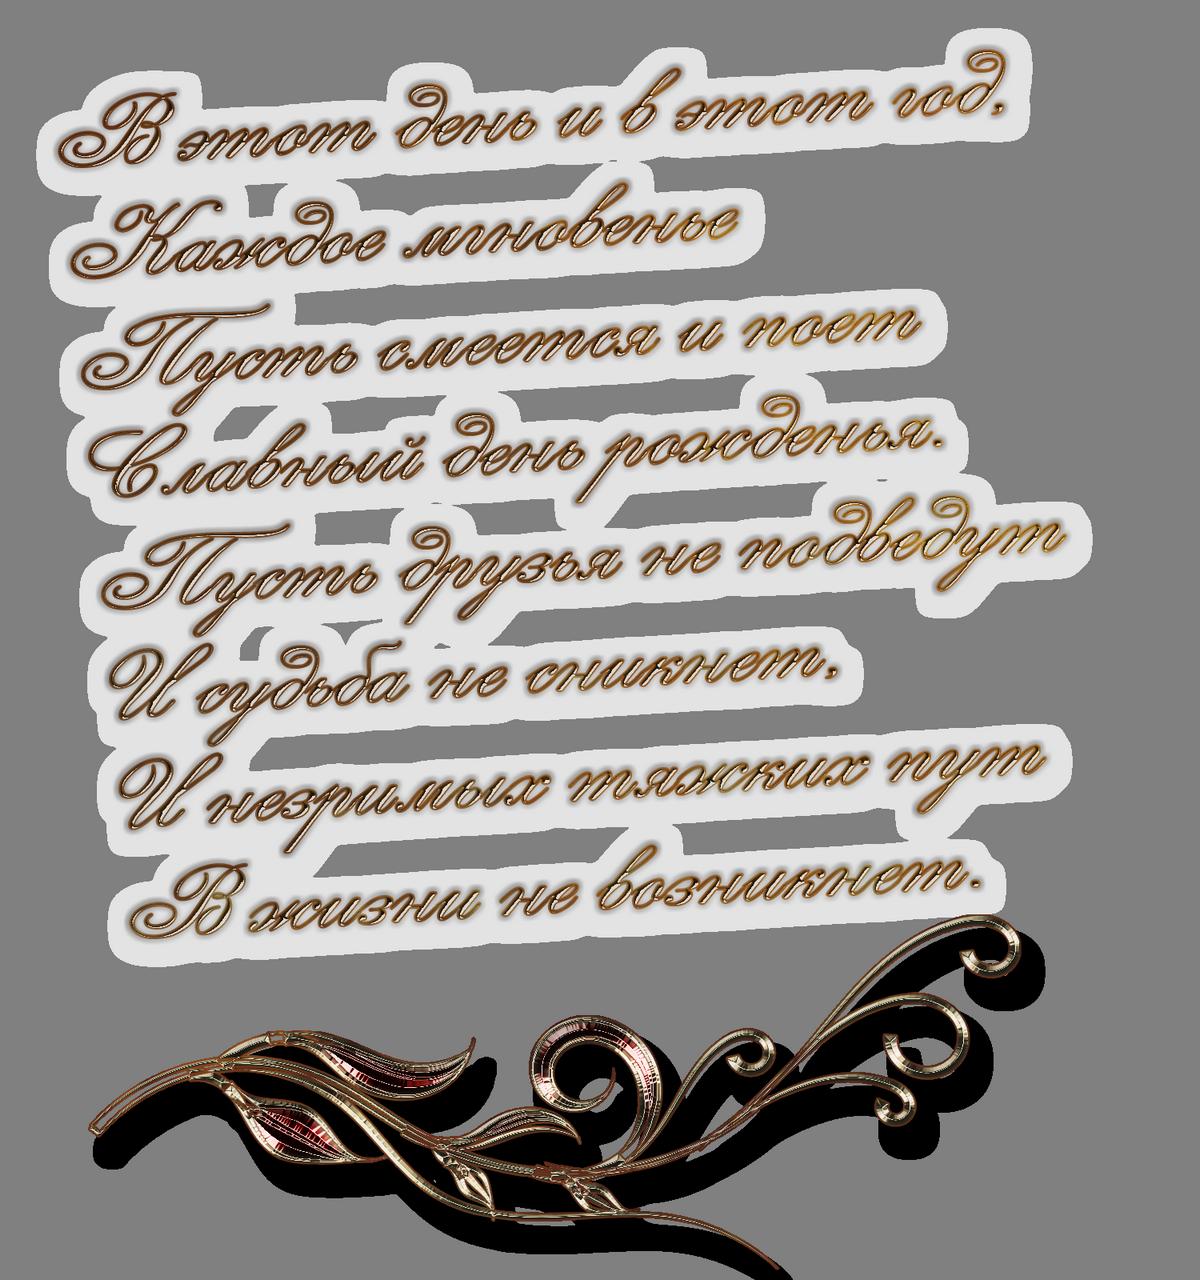 Каждый пункт в поздравительной открытке 9 букв, юбилеем маму